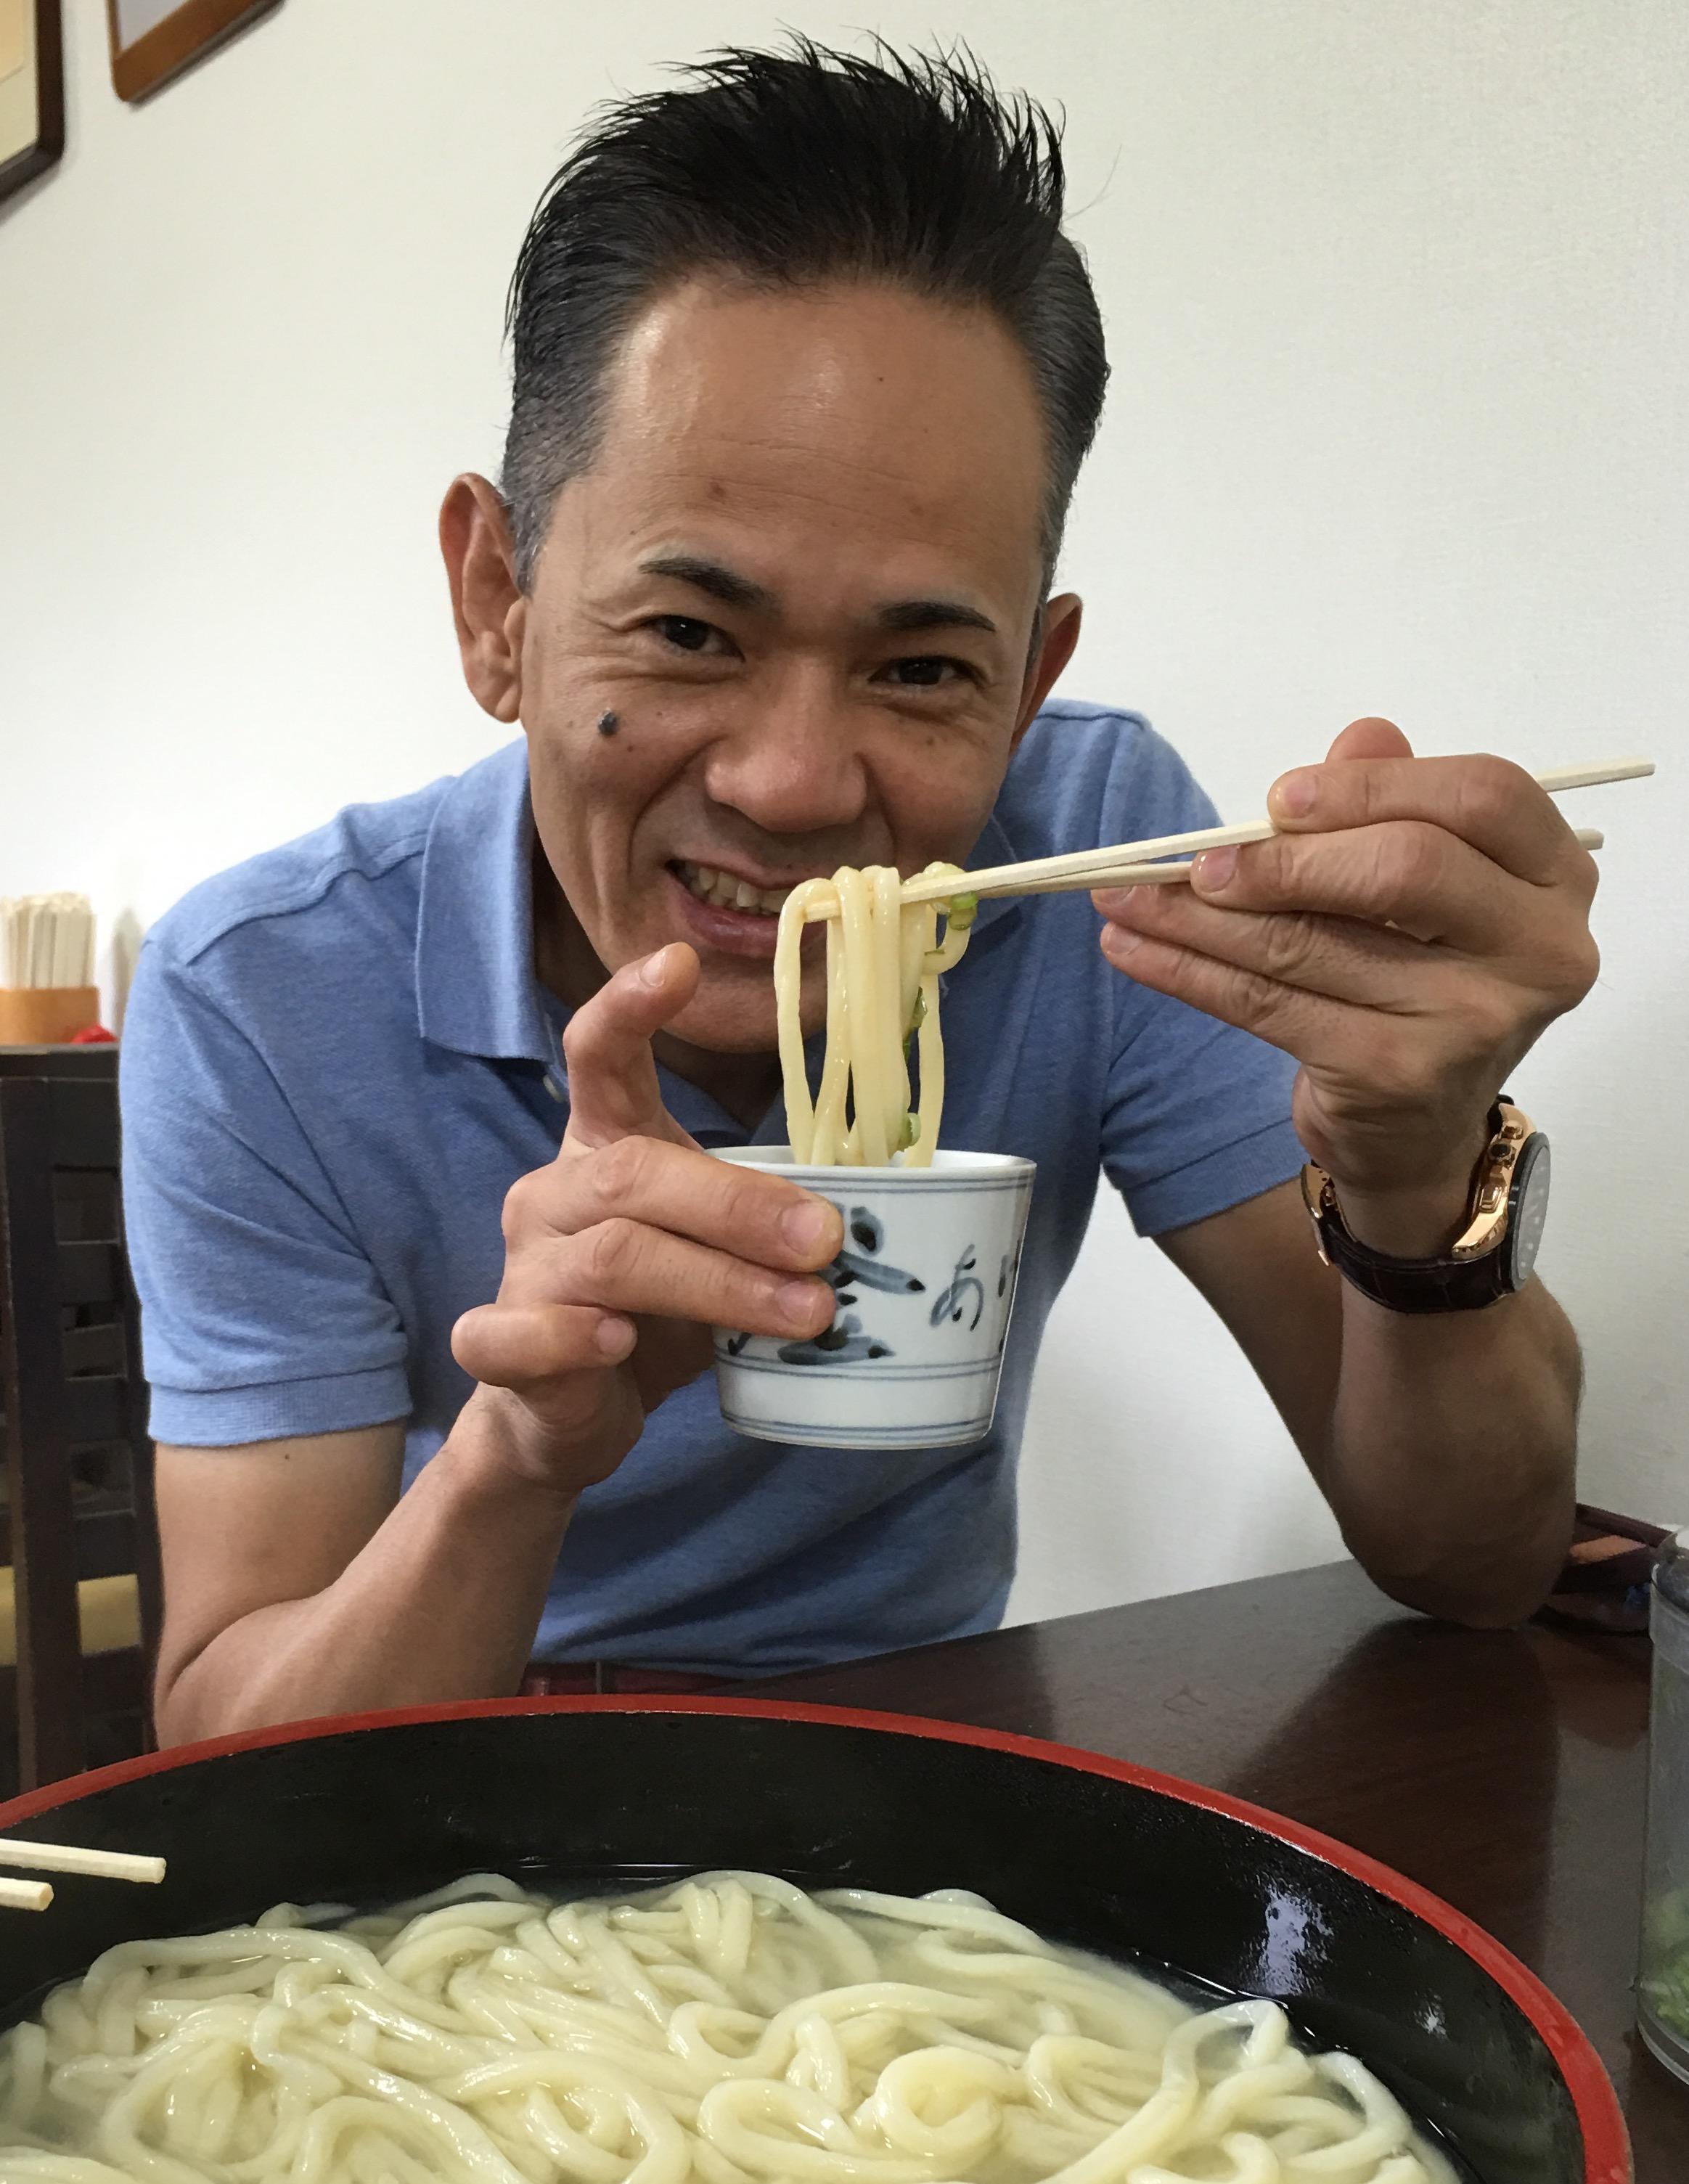 さすがうどん県 朝、昼、オススメうどん食べました。 地元の方のオススメ‼️もちろん美味しかったぁ